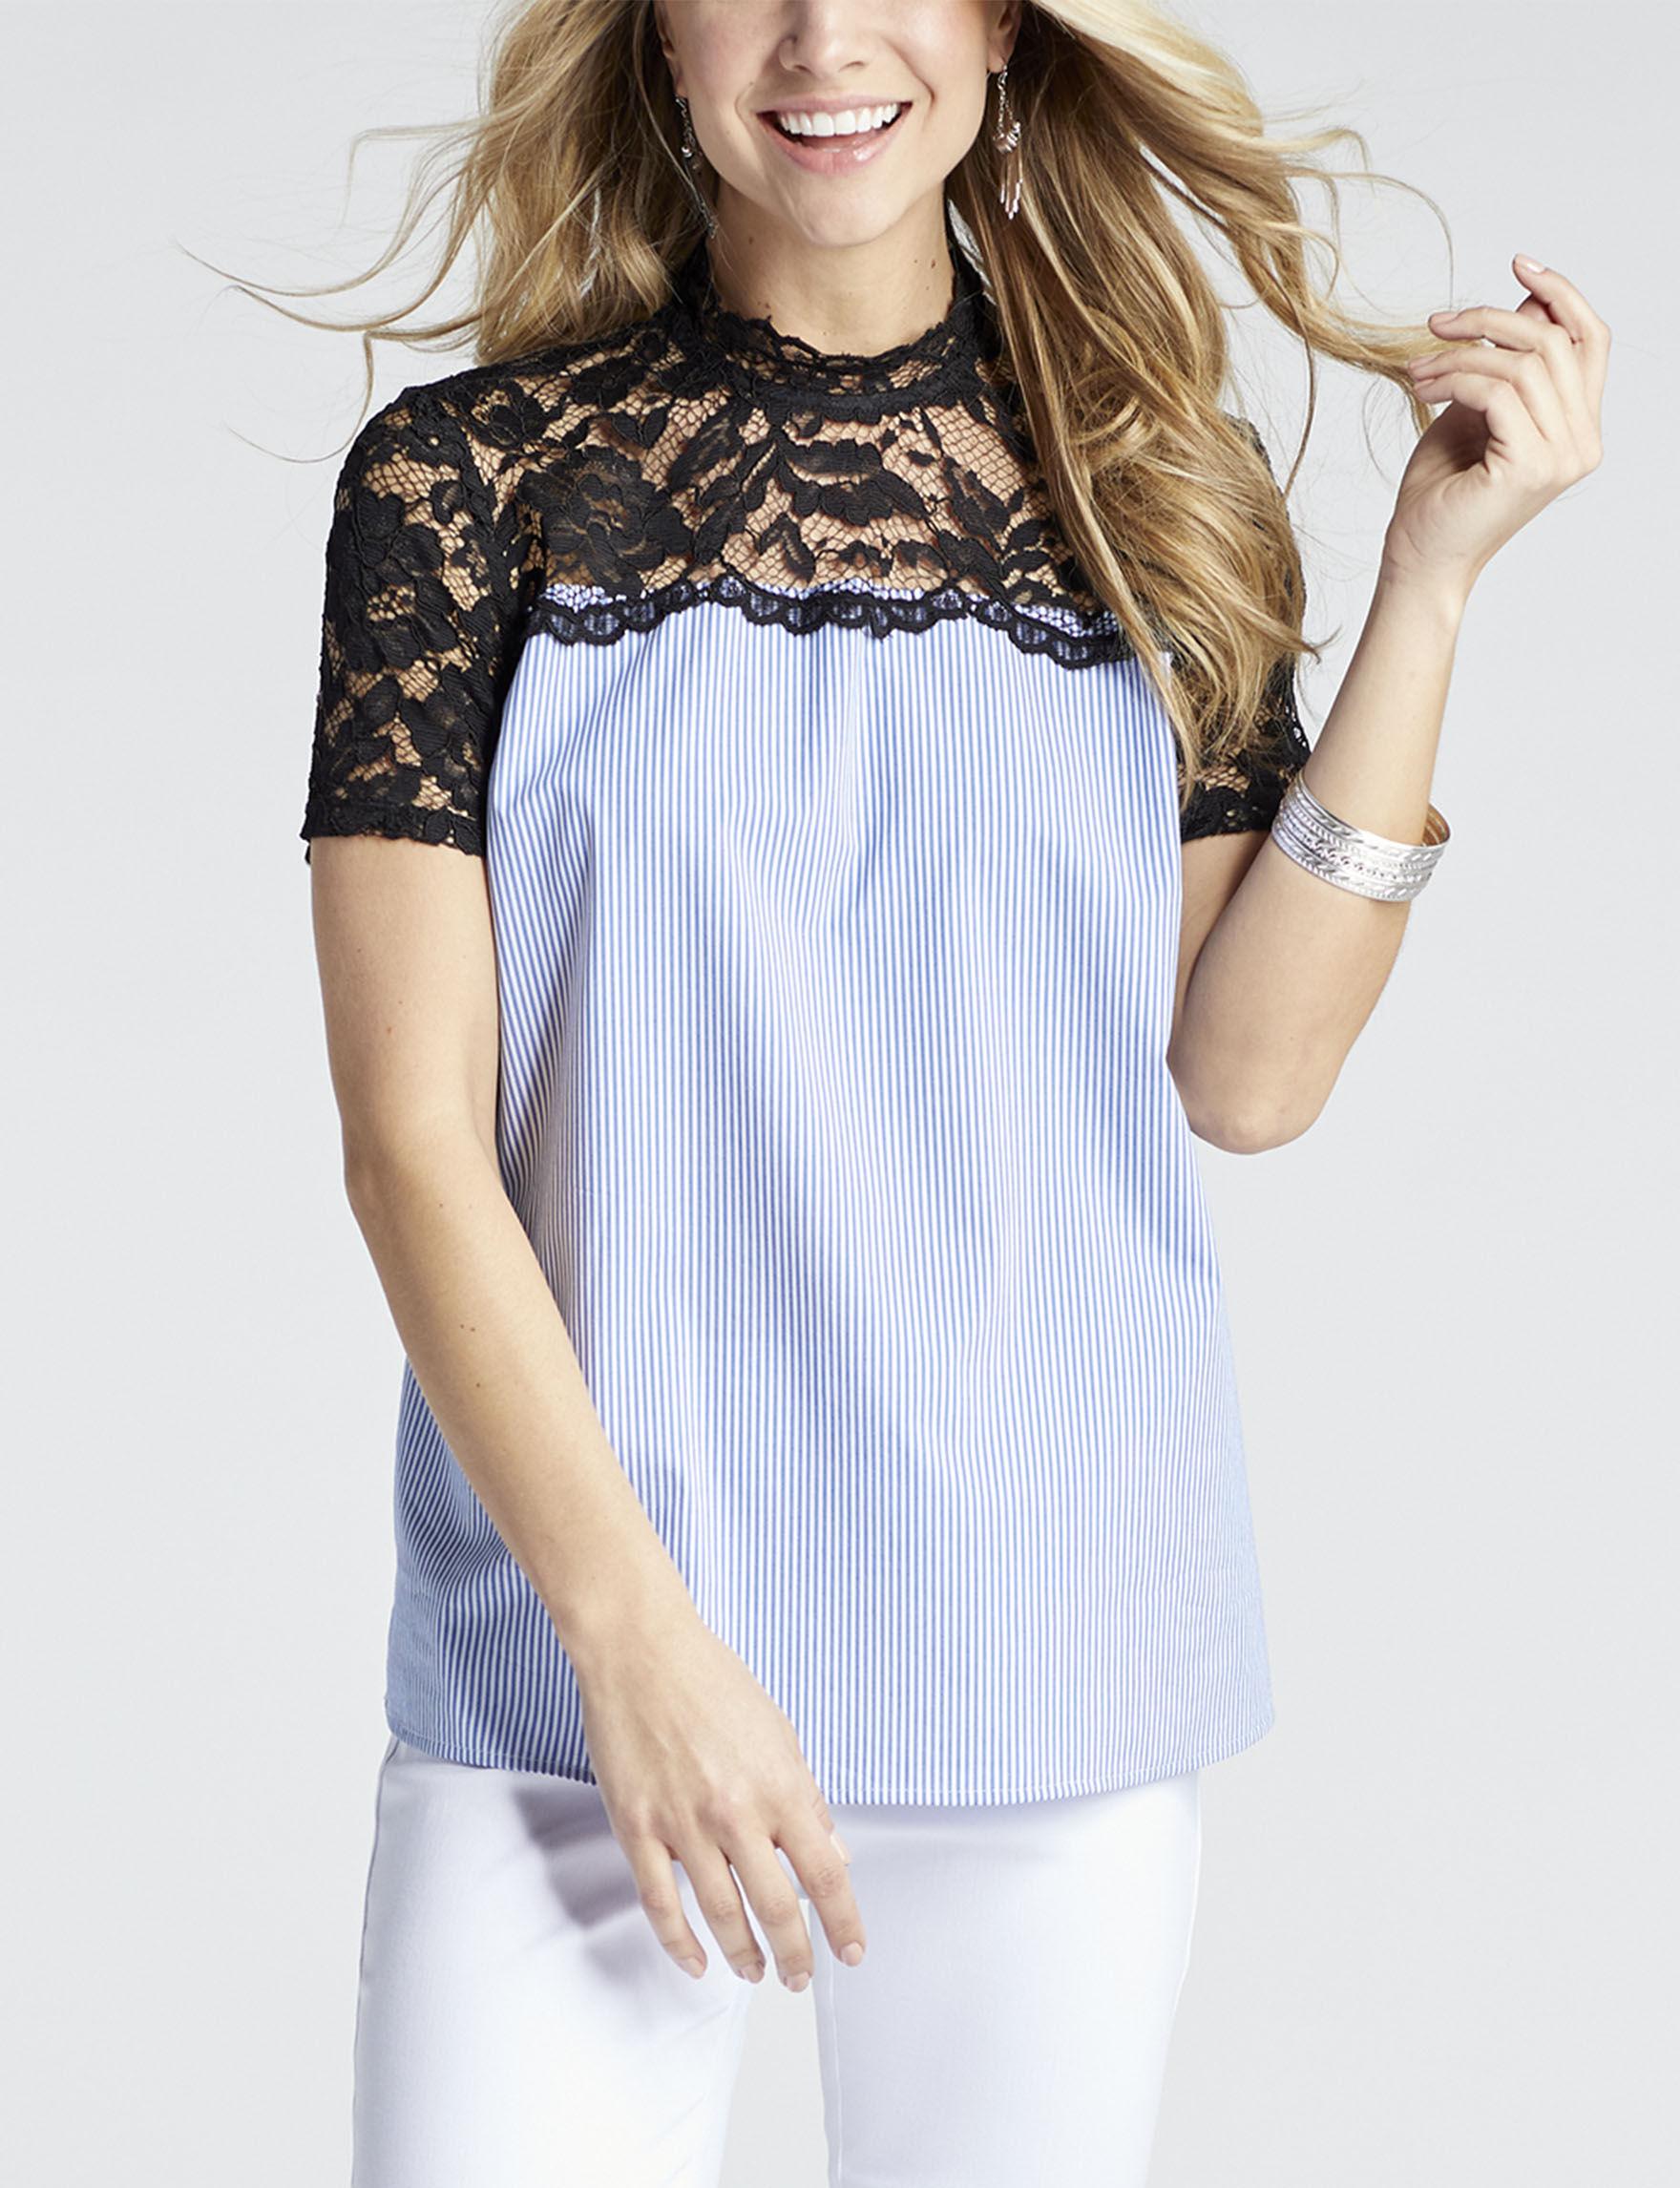 Valerie Stevens Blue / White Shirts & Blouses